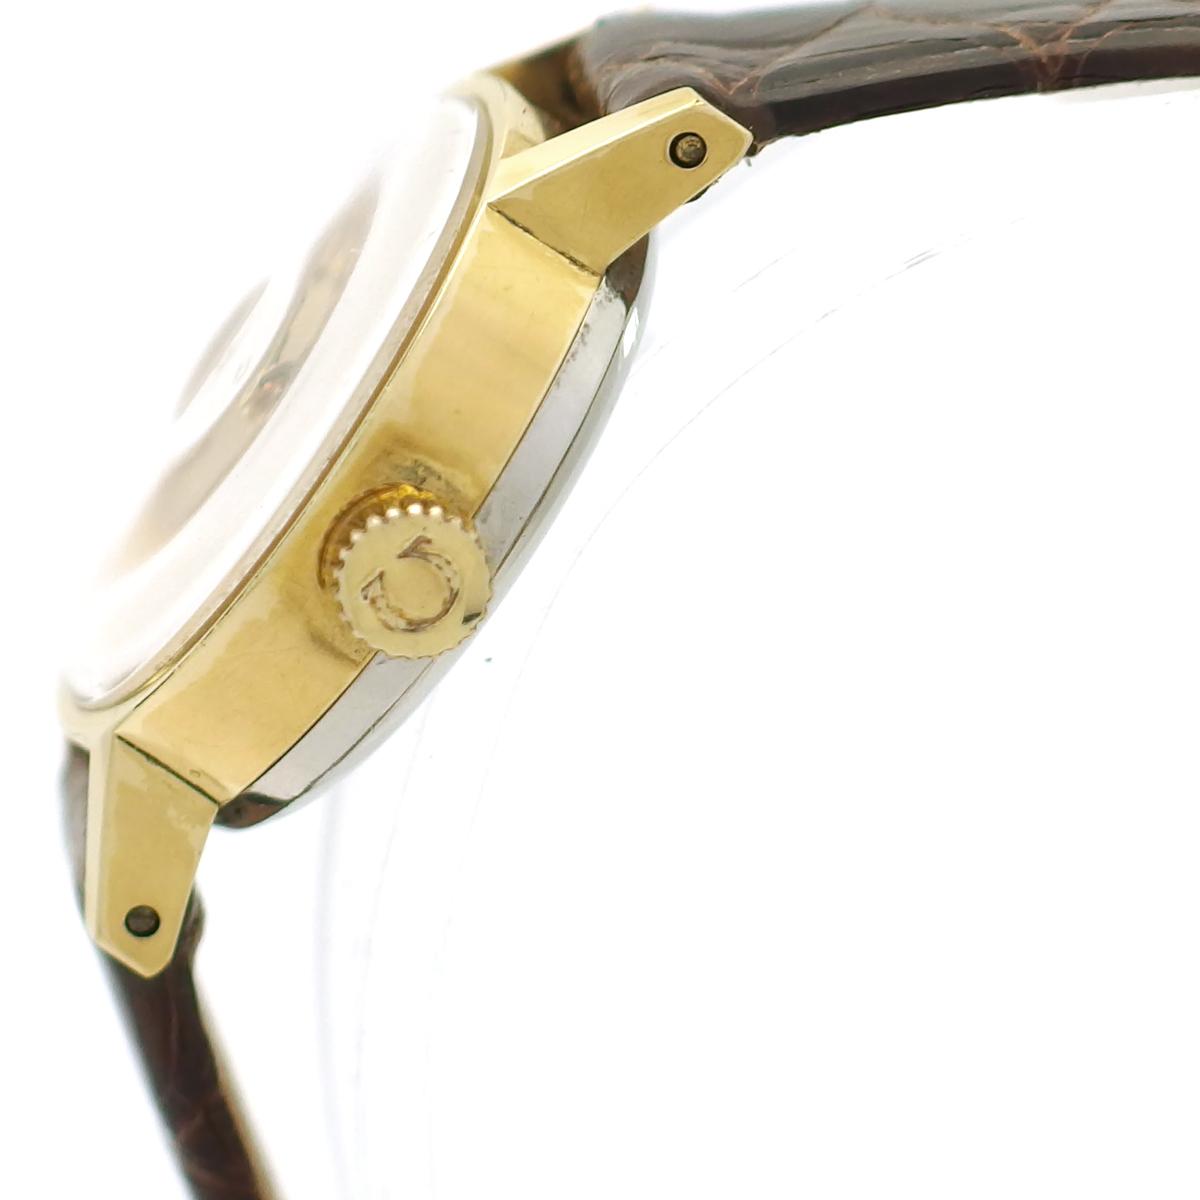 オメガ ジュネーブ 511.0426 レディース 金メッキ Cal.485 17石 手巻 OH済 1973年製 Omega